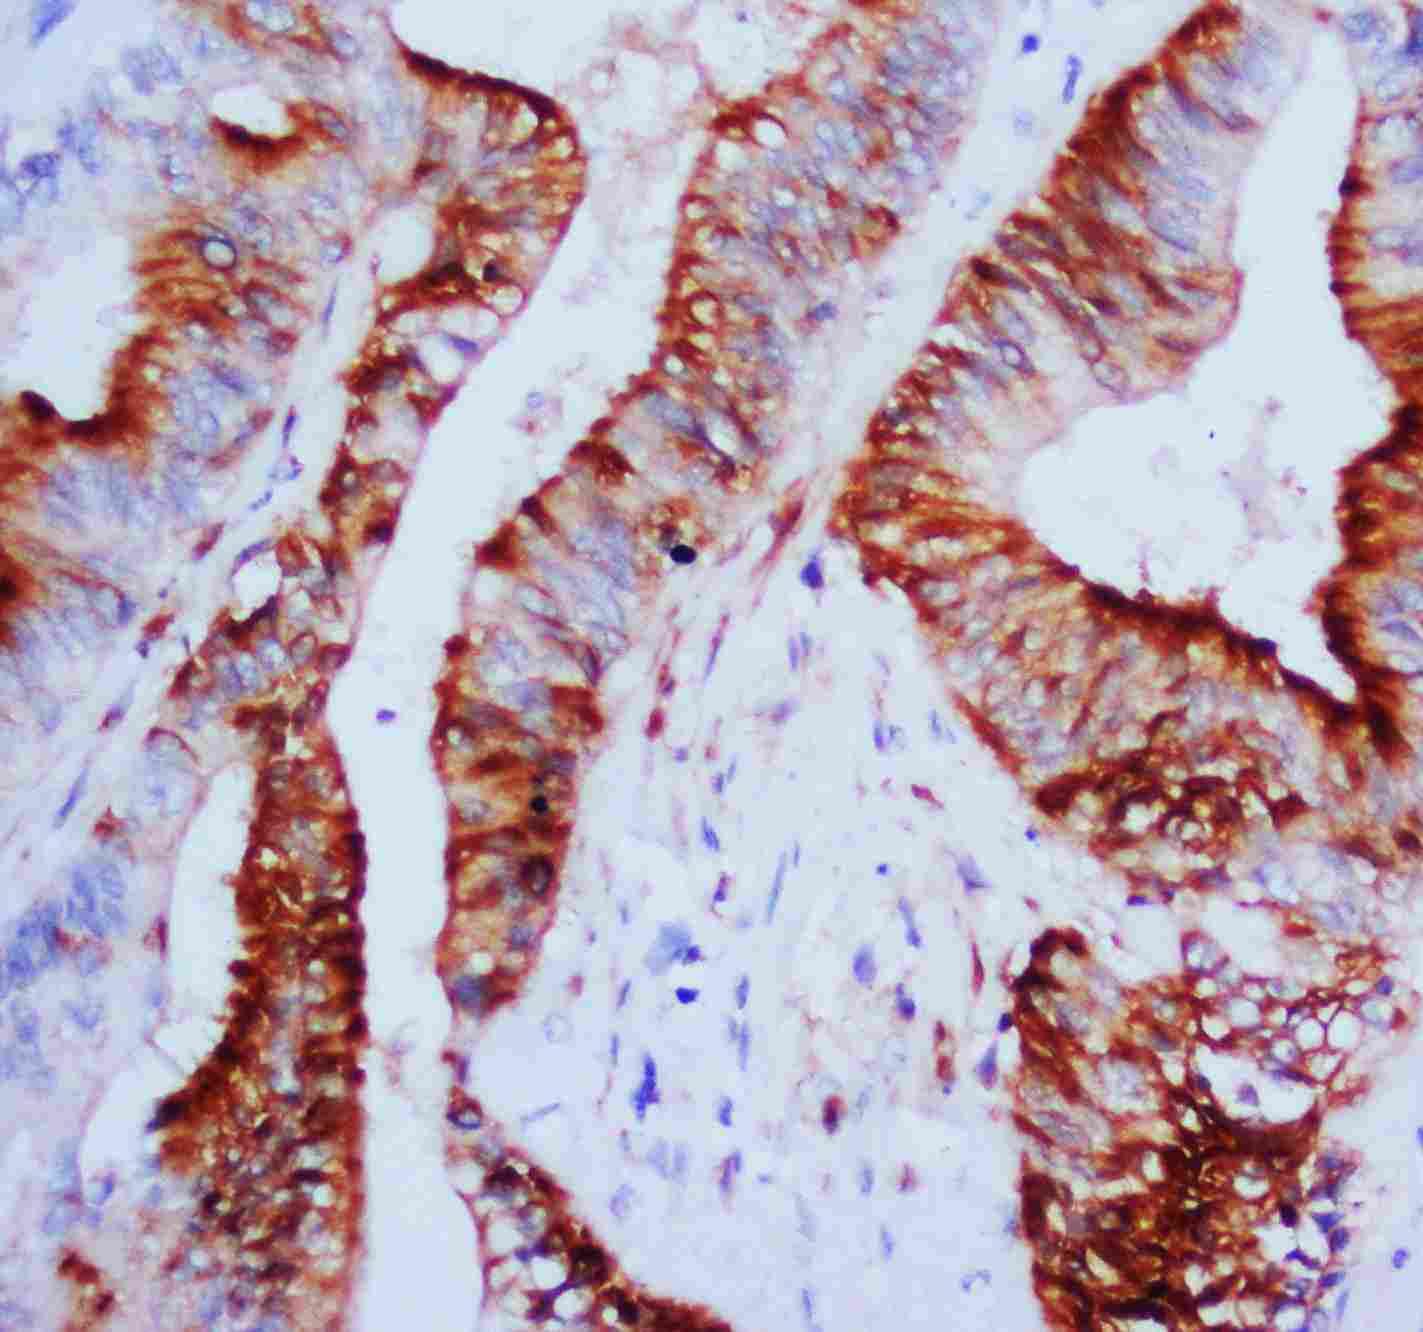 Anti-MAPK1/3 Antibody PA1049